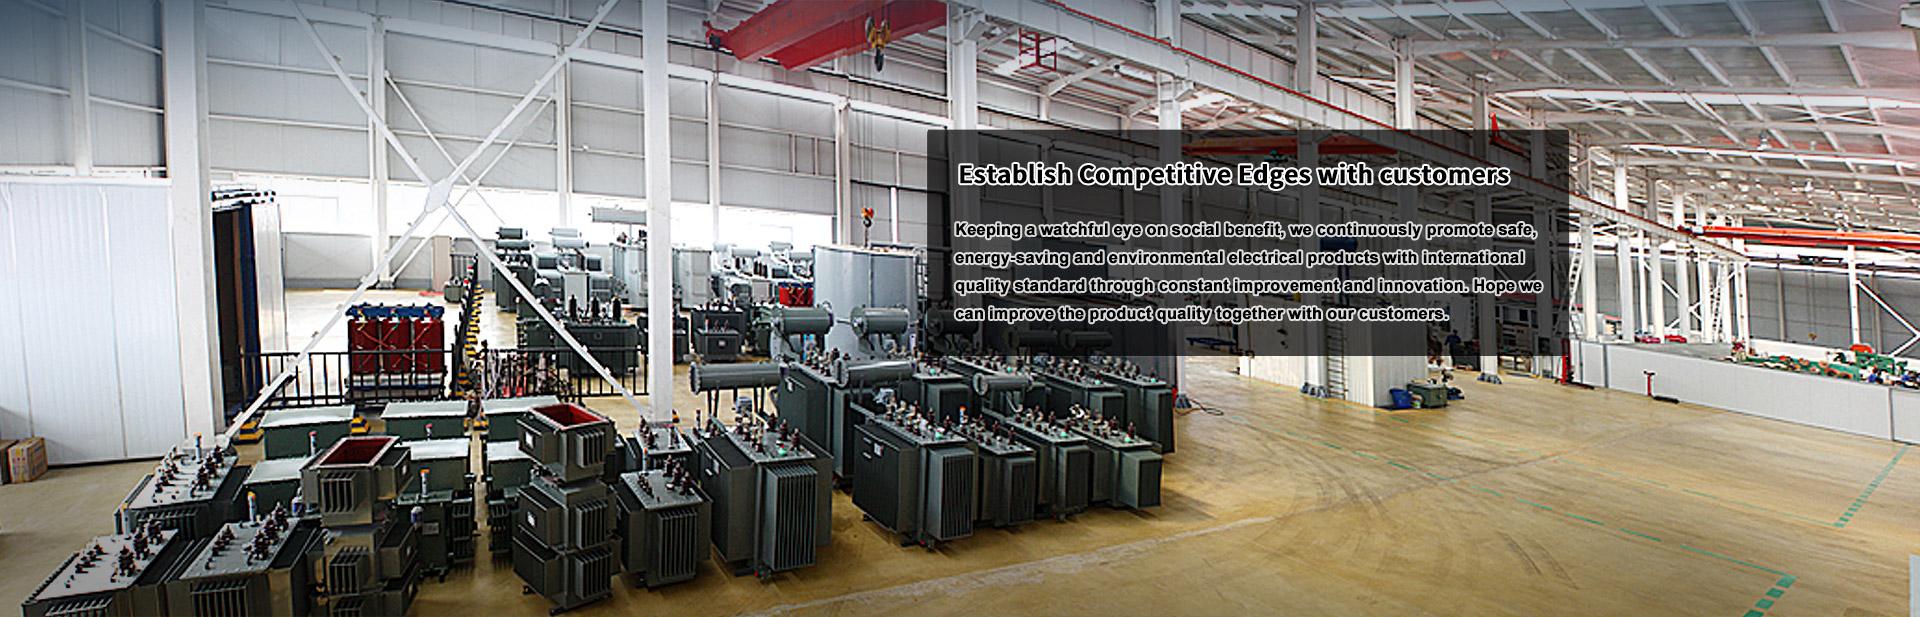 山東博泰電氣有限公司